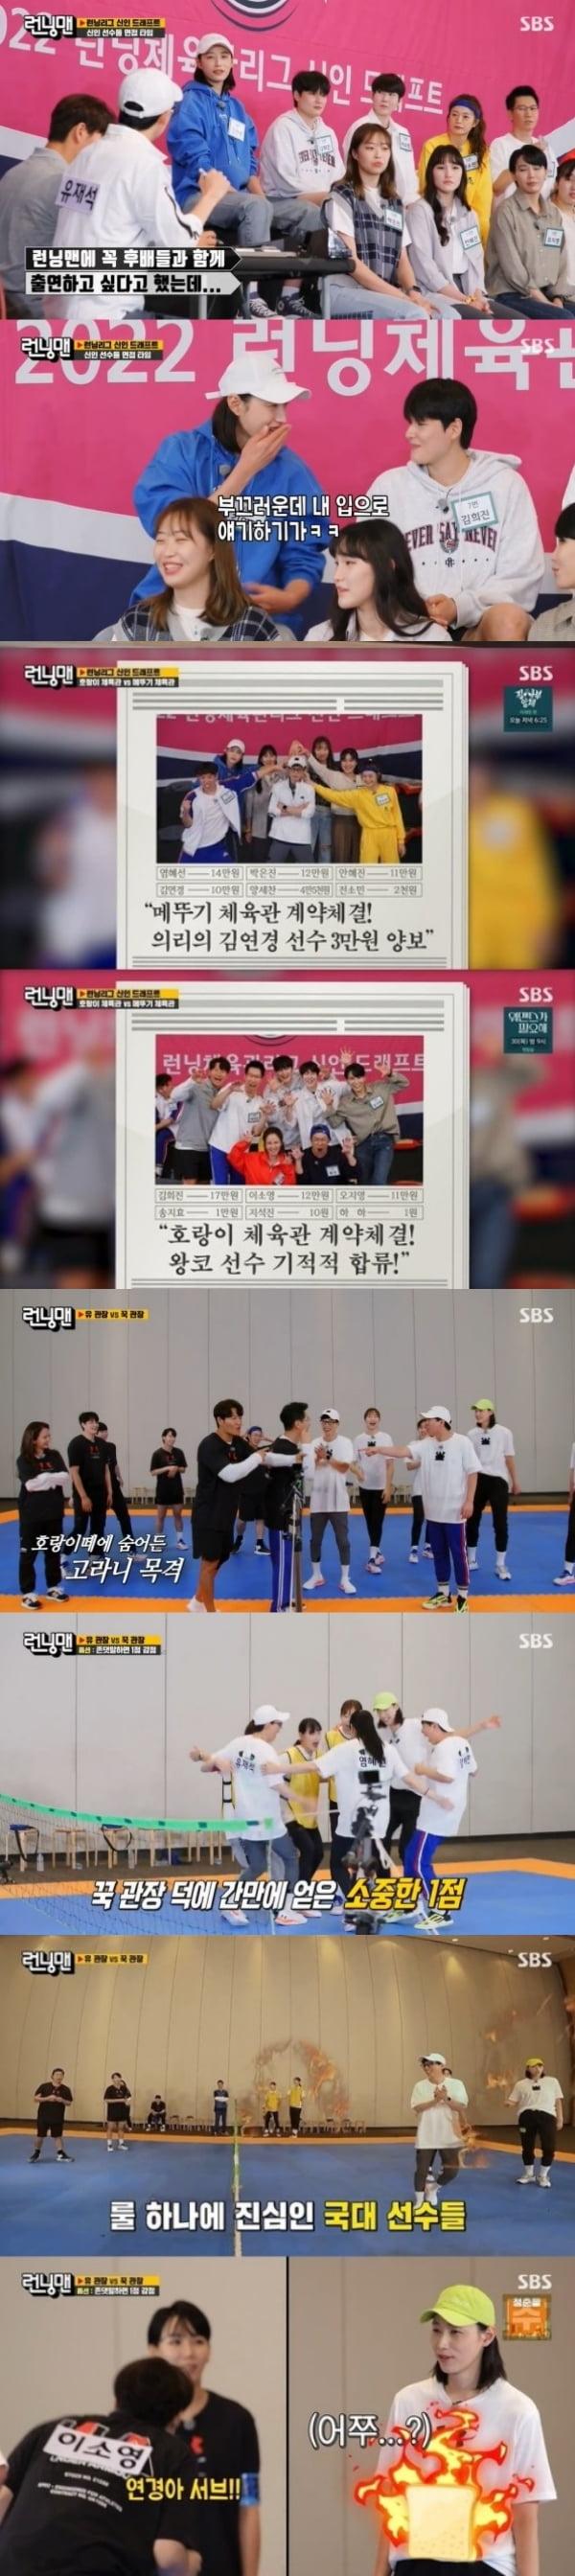 '런닝맨' 여자배구대표팀/ 사진=SBS 제공